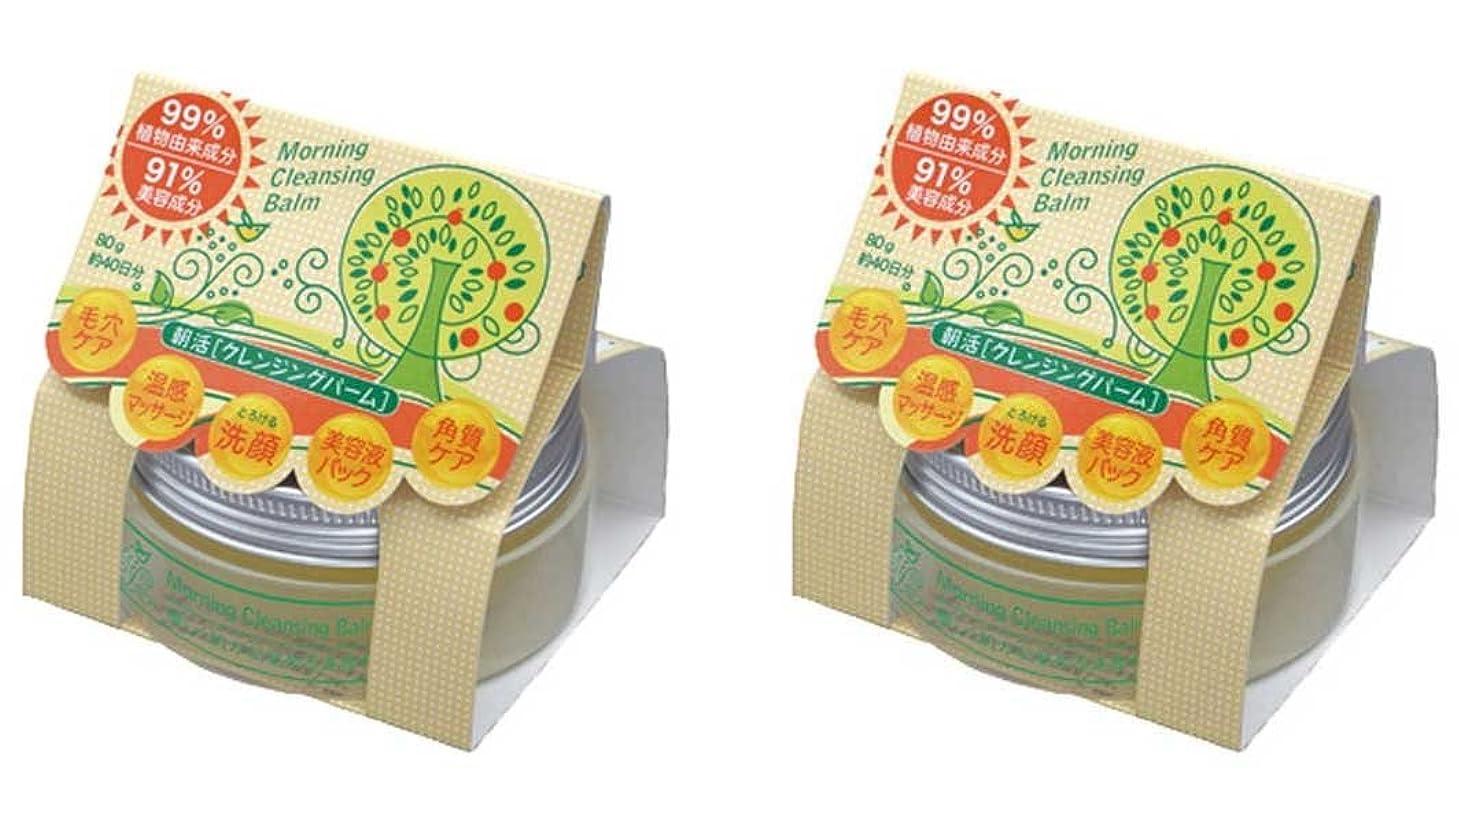 学者エリート母朝活クレンジングバーム 2個セット(99%植物由来成分+91%美容成分配合クレンジングバーム)